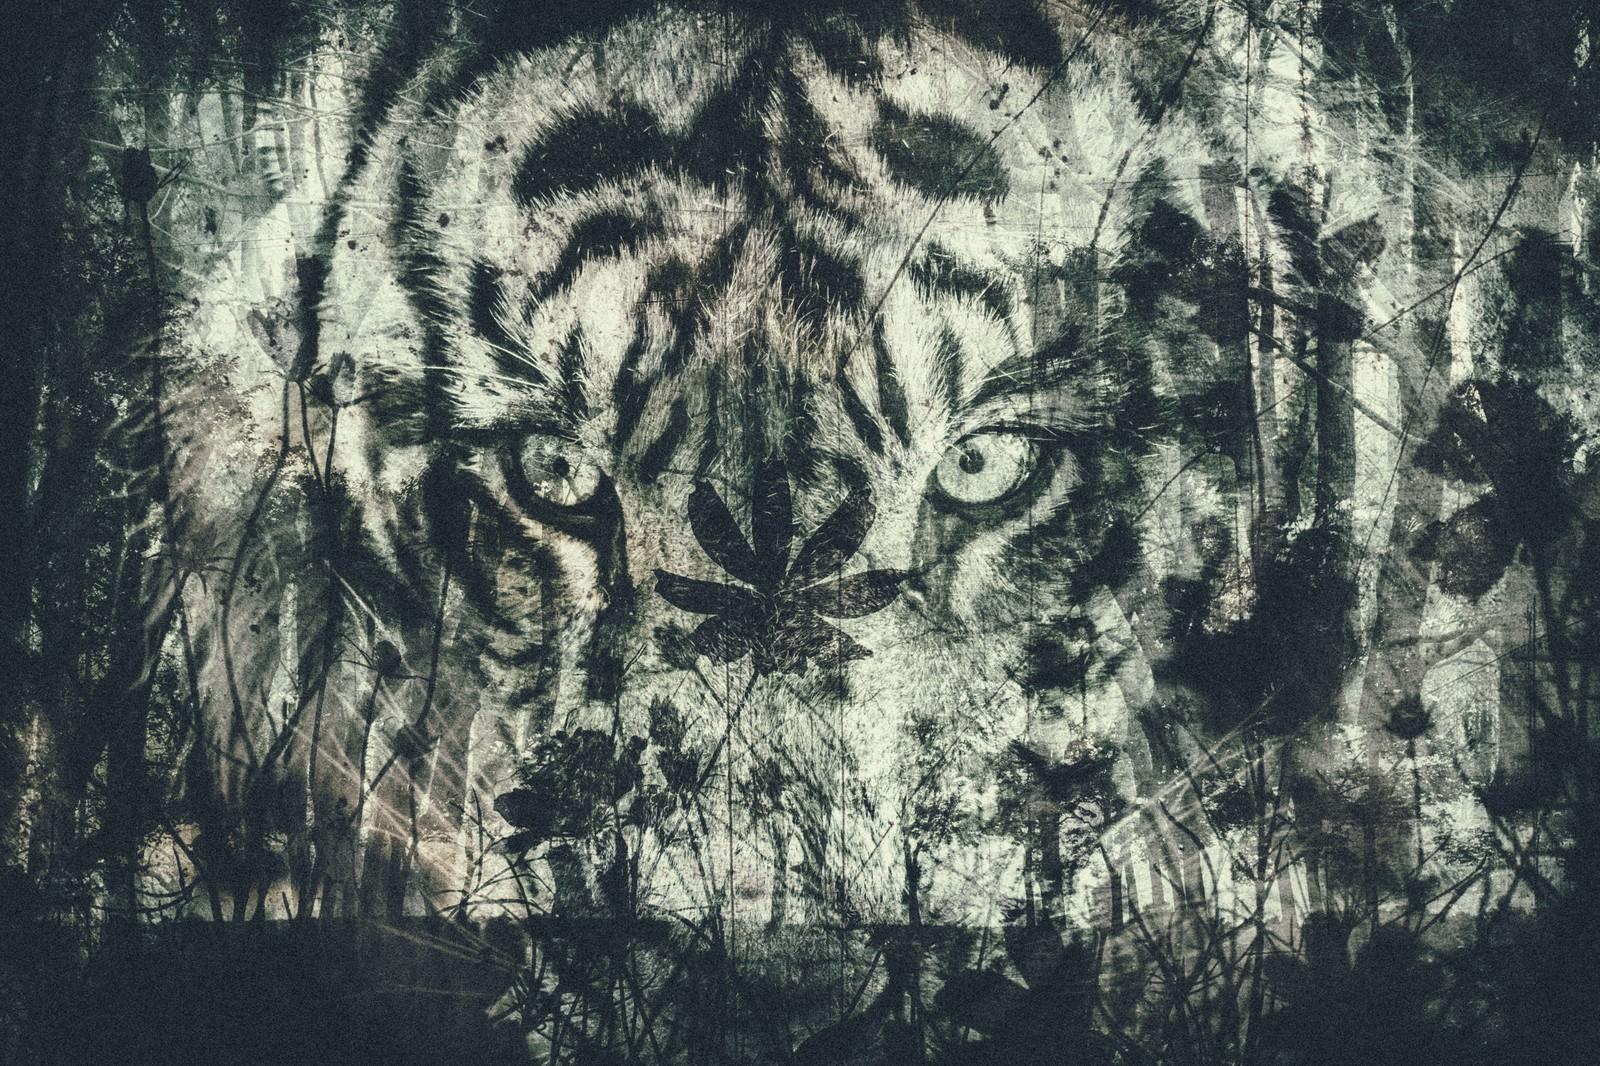 「森のとタイガー(フォトモンタージュ)森のとタイガー(フォトモンタージュ)」のフリー写真素材を拡大